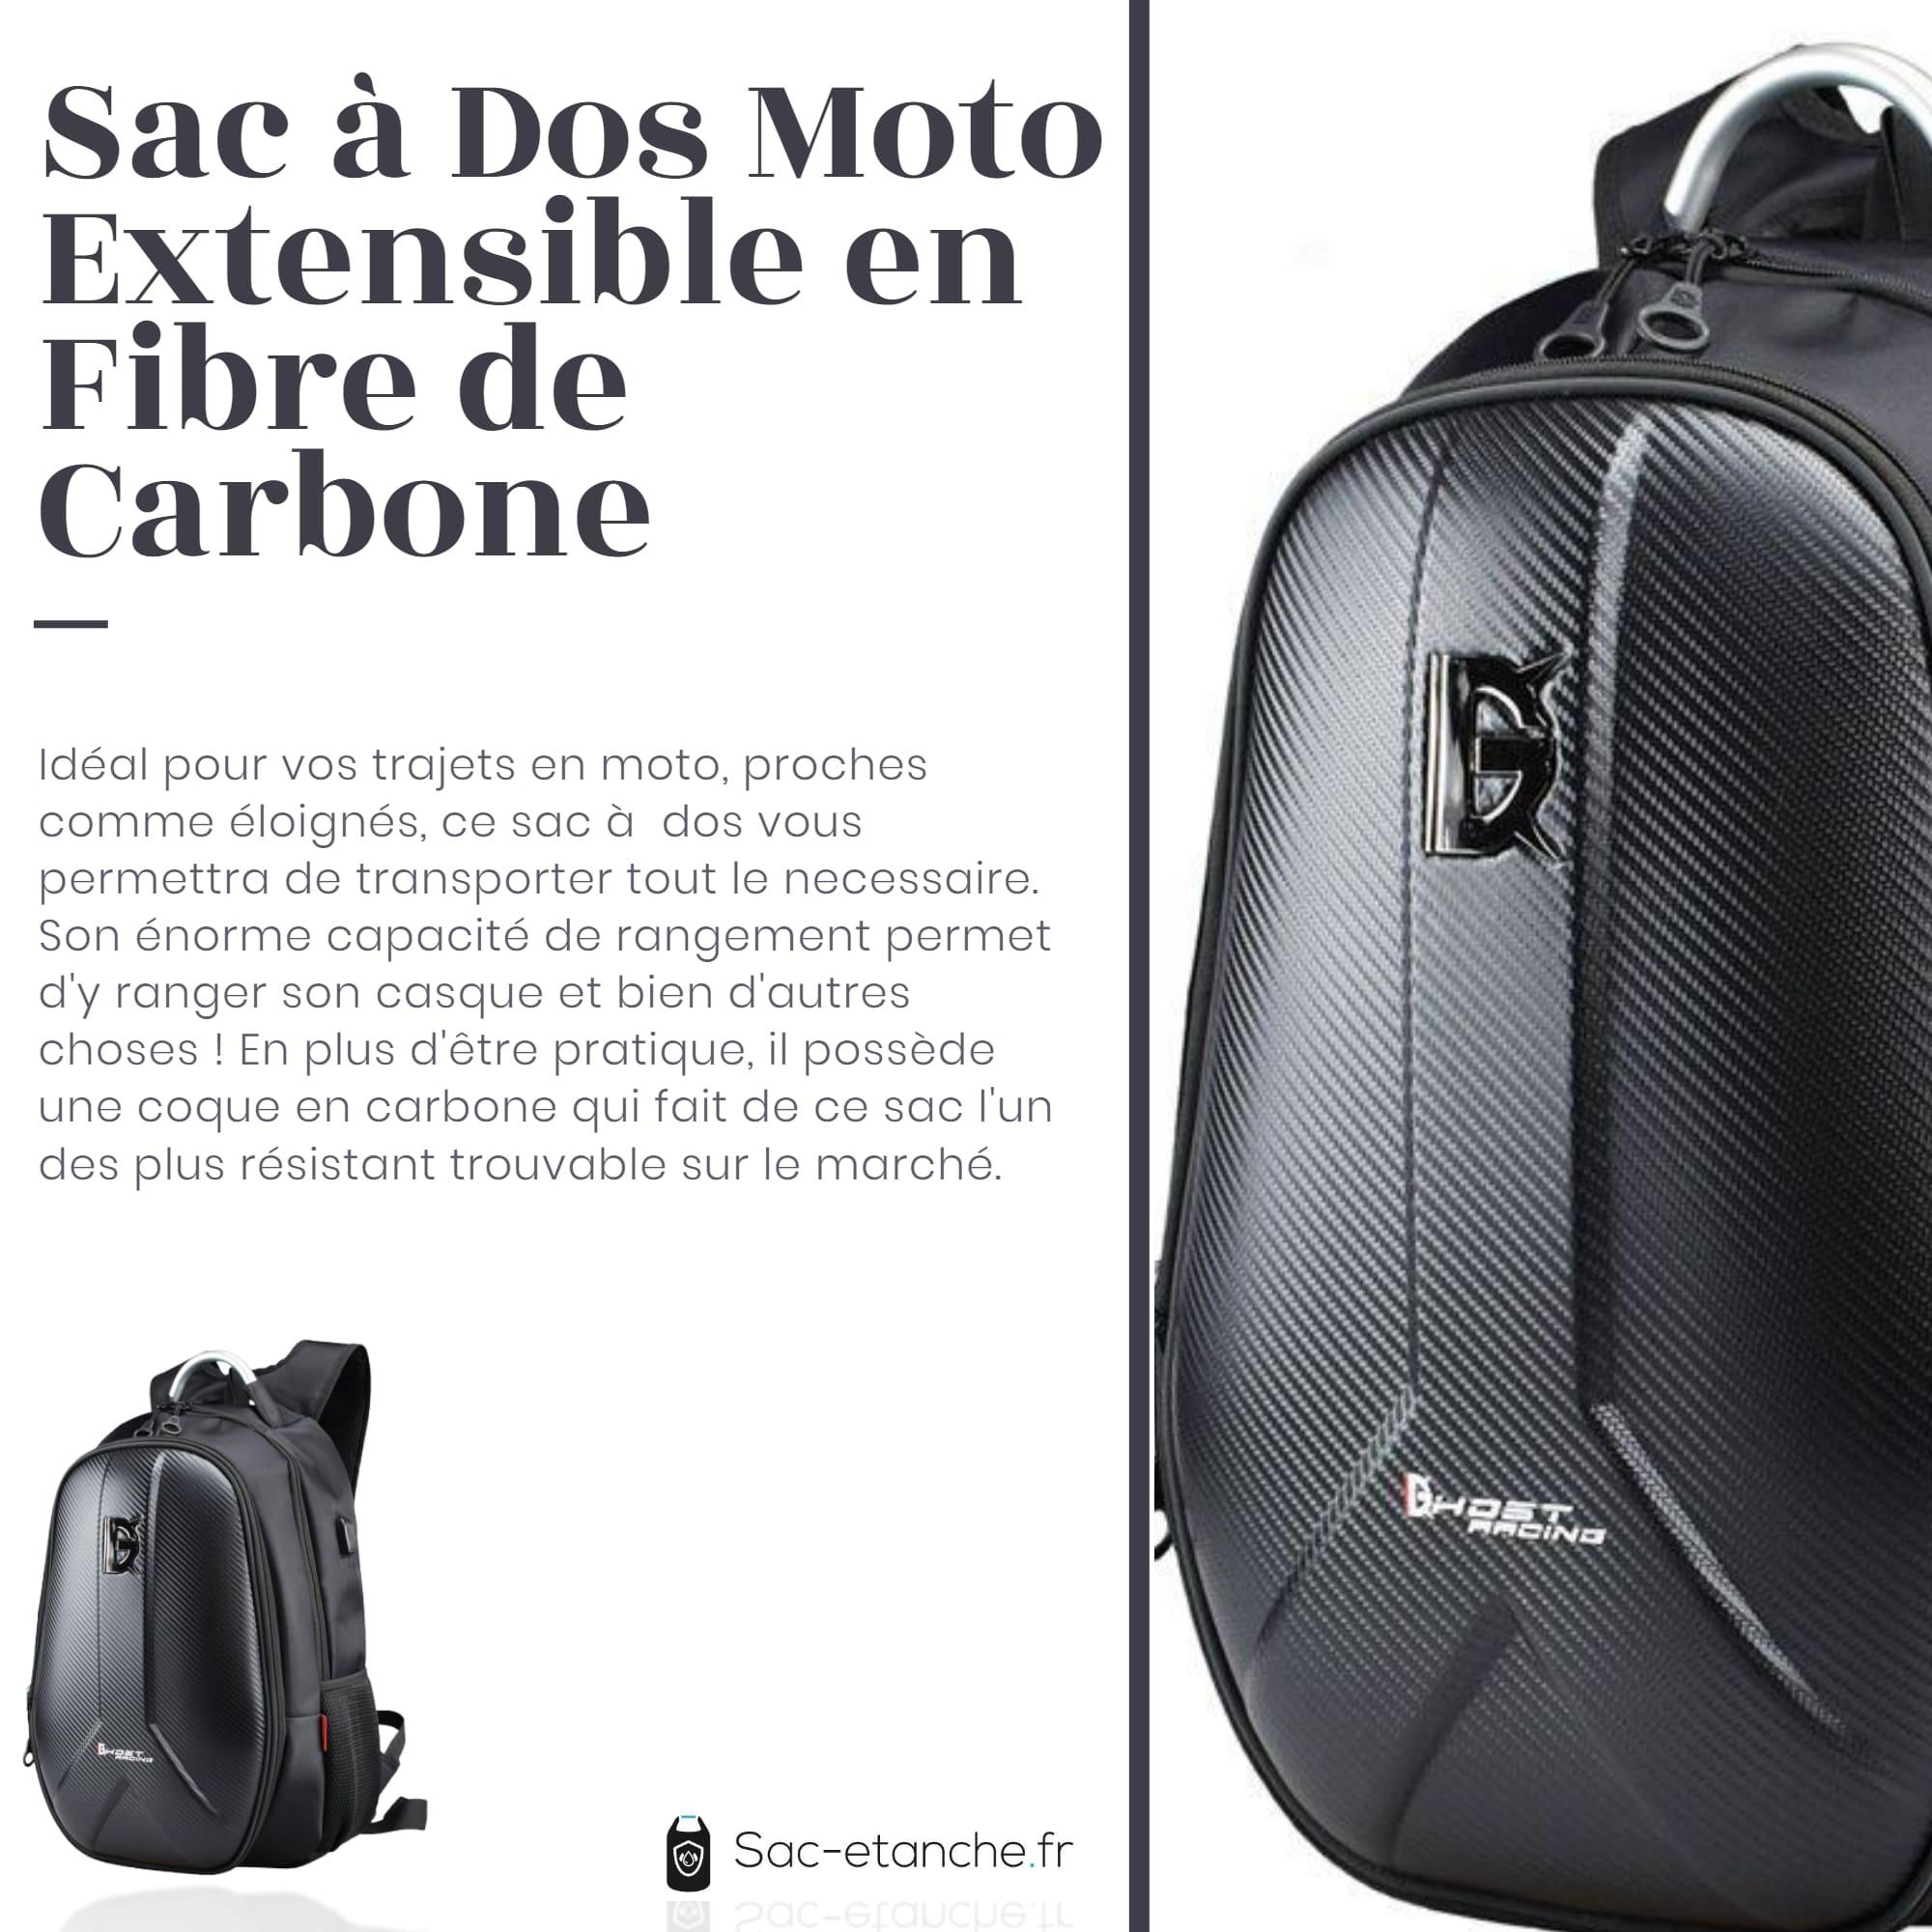 sac moto extensible fibre de carbone